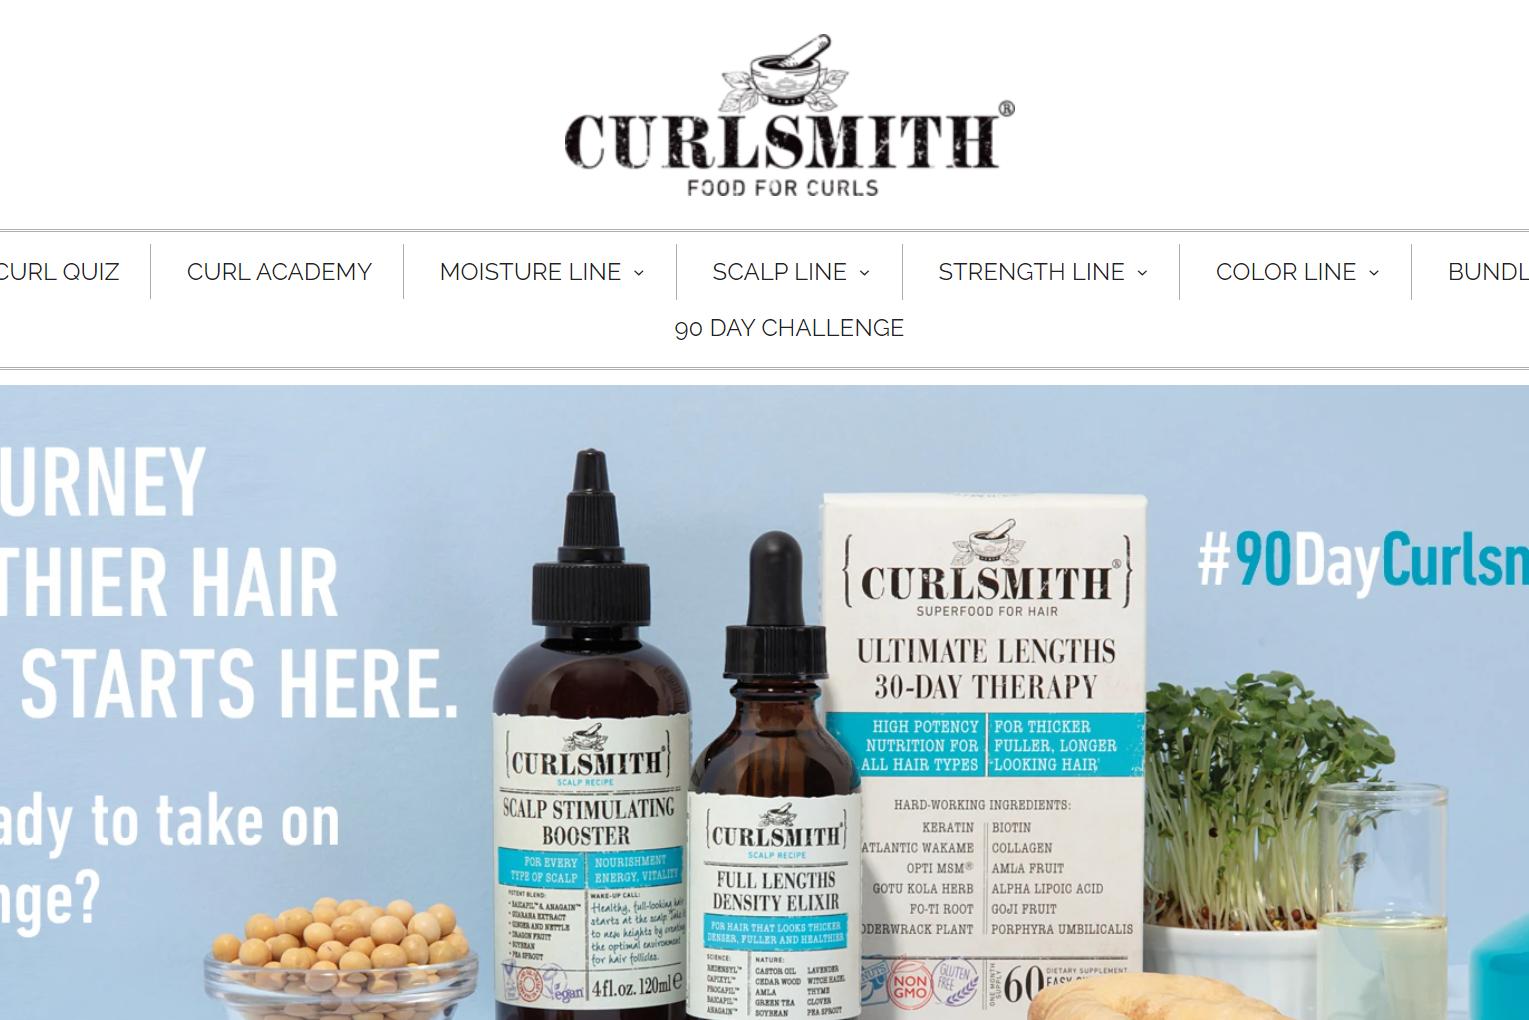 由欧莱雅前高管创立的美国高端卷发护理品牌 Curlsmith 完成A轮融资